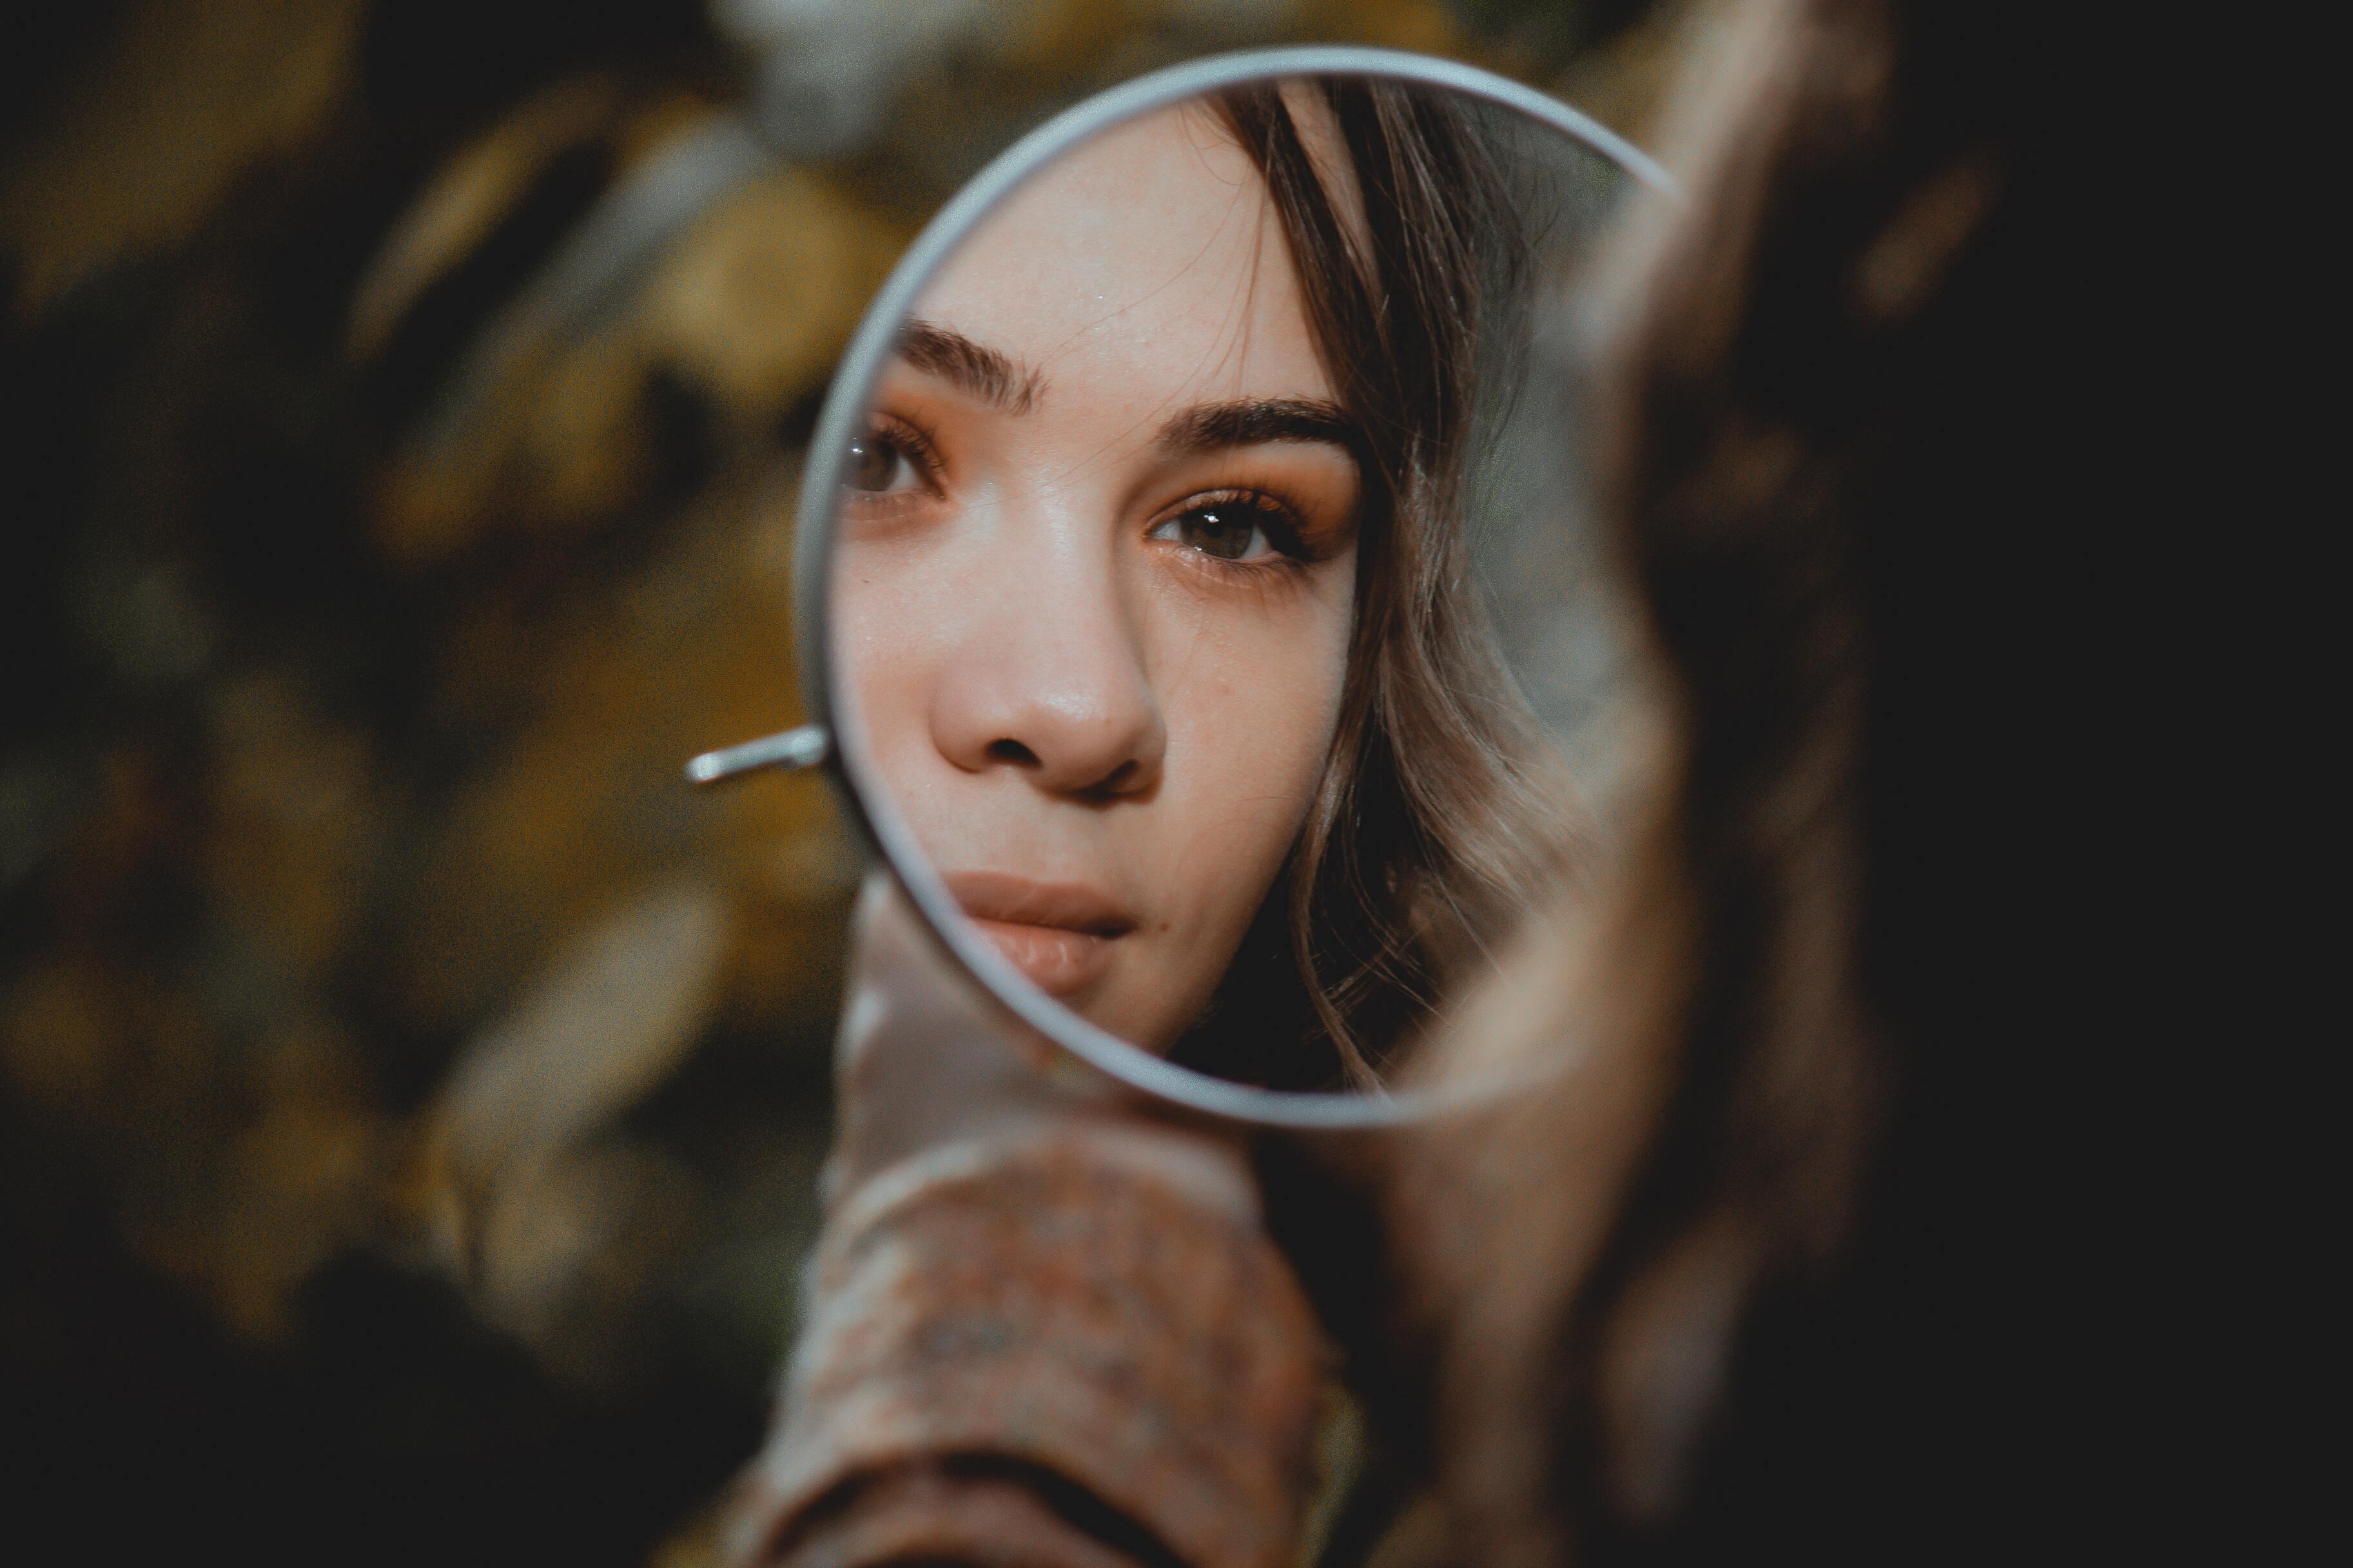 Учёные выяснили, почему людям не нравится собственная внешность